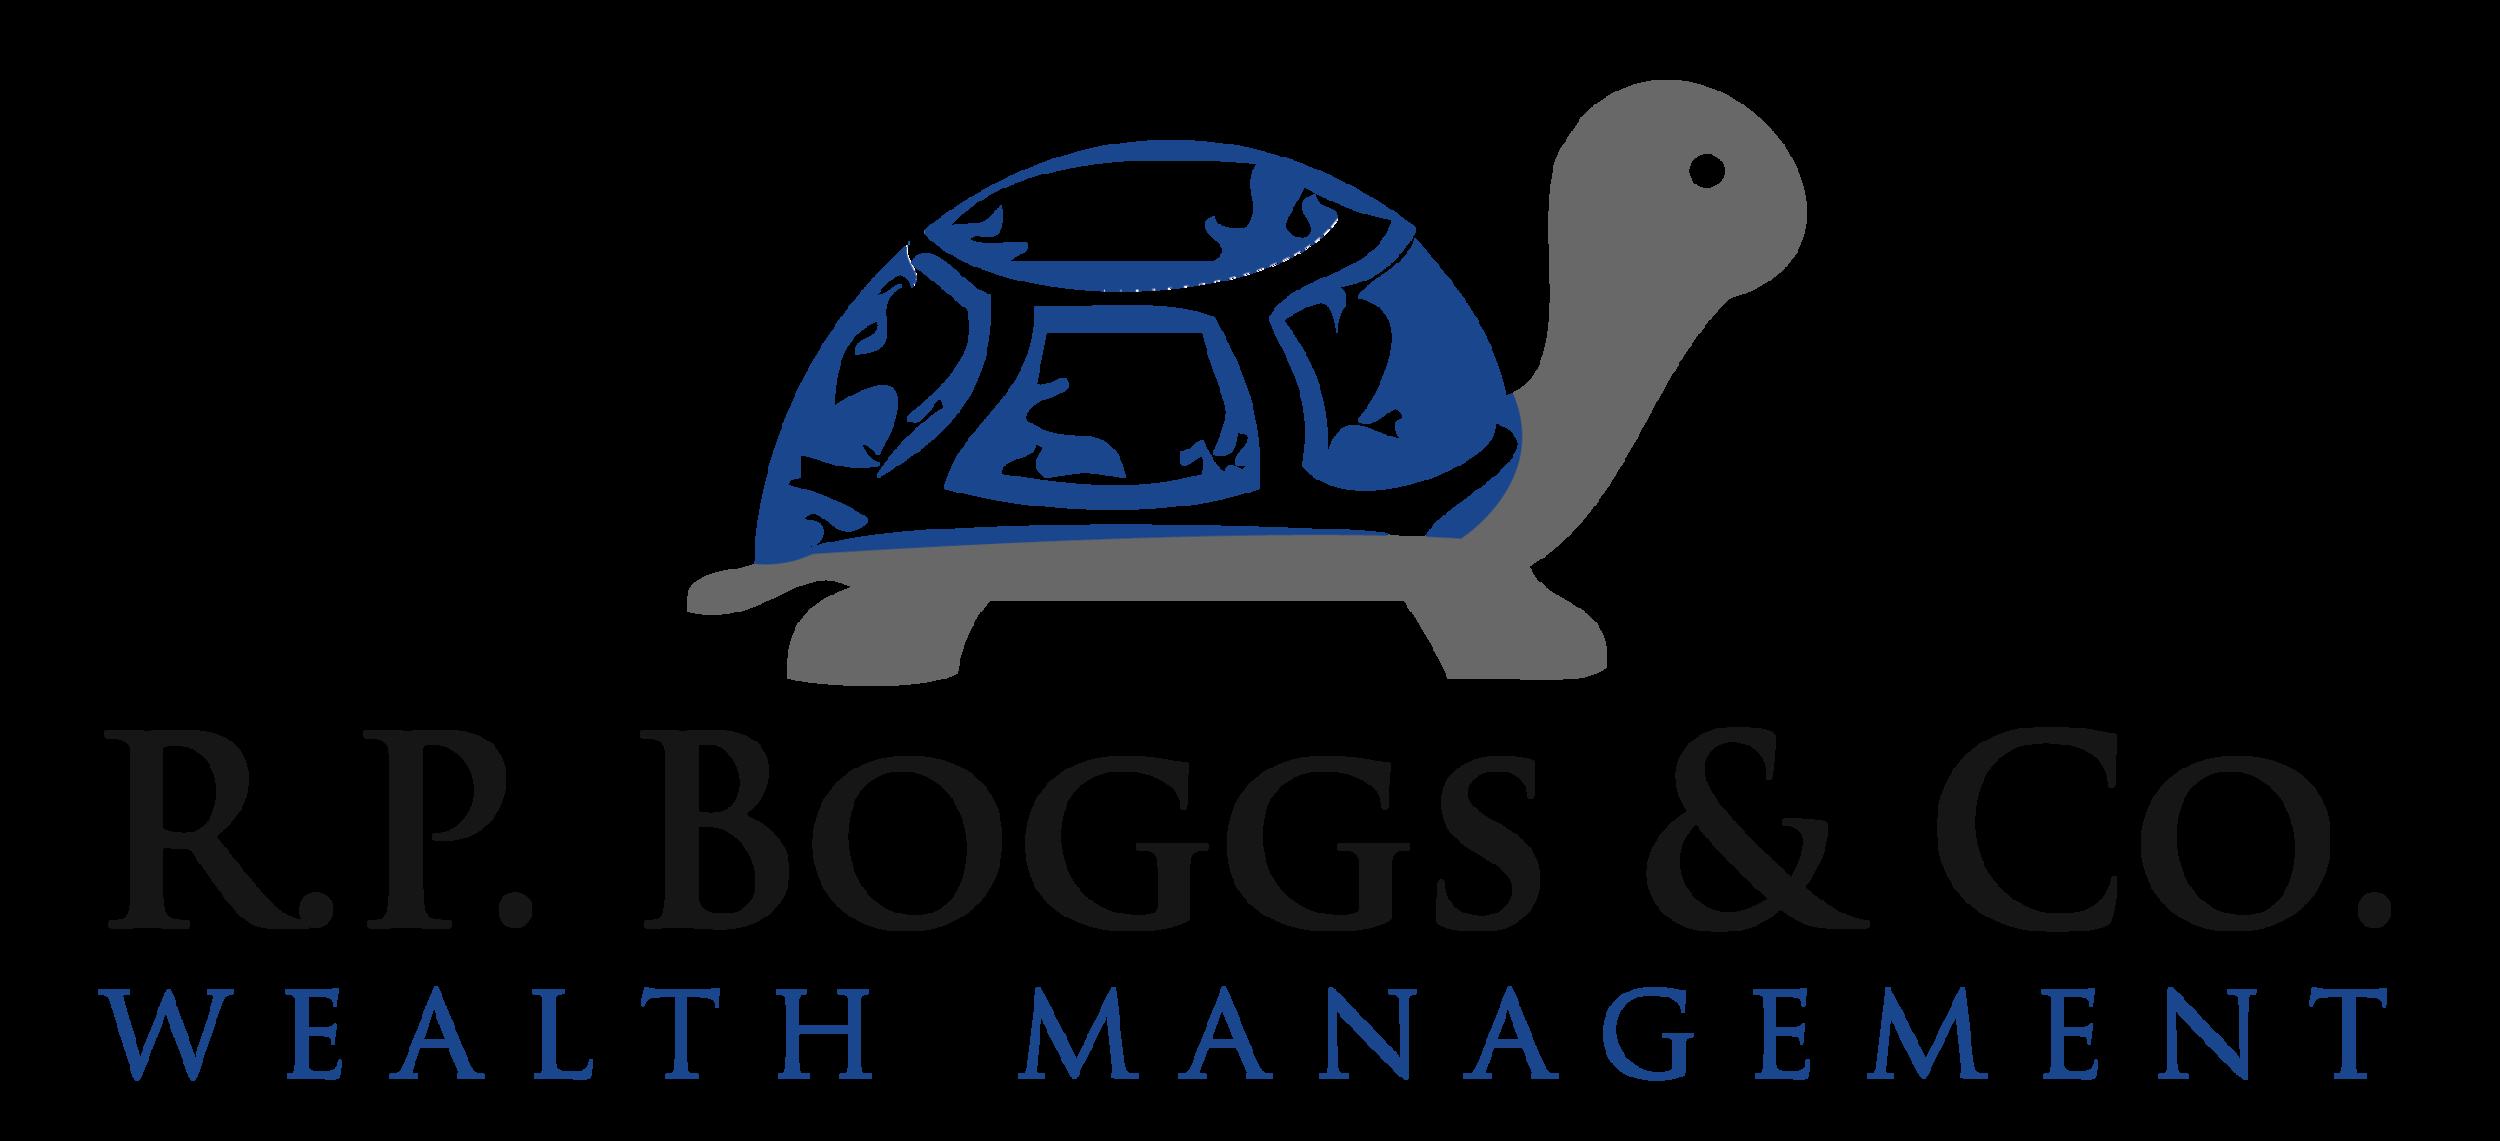 RP_Boggs_Logo_No_Slogan (1).png